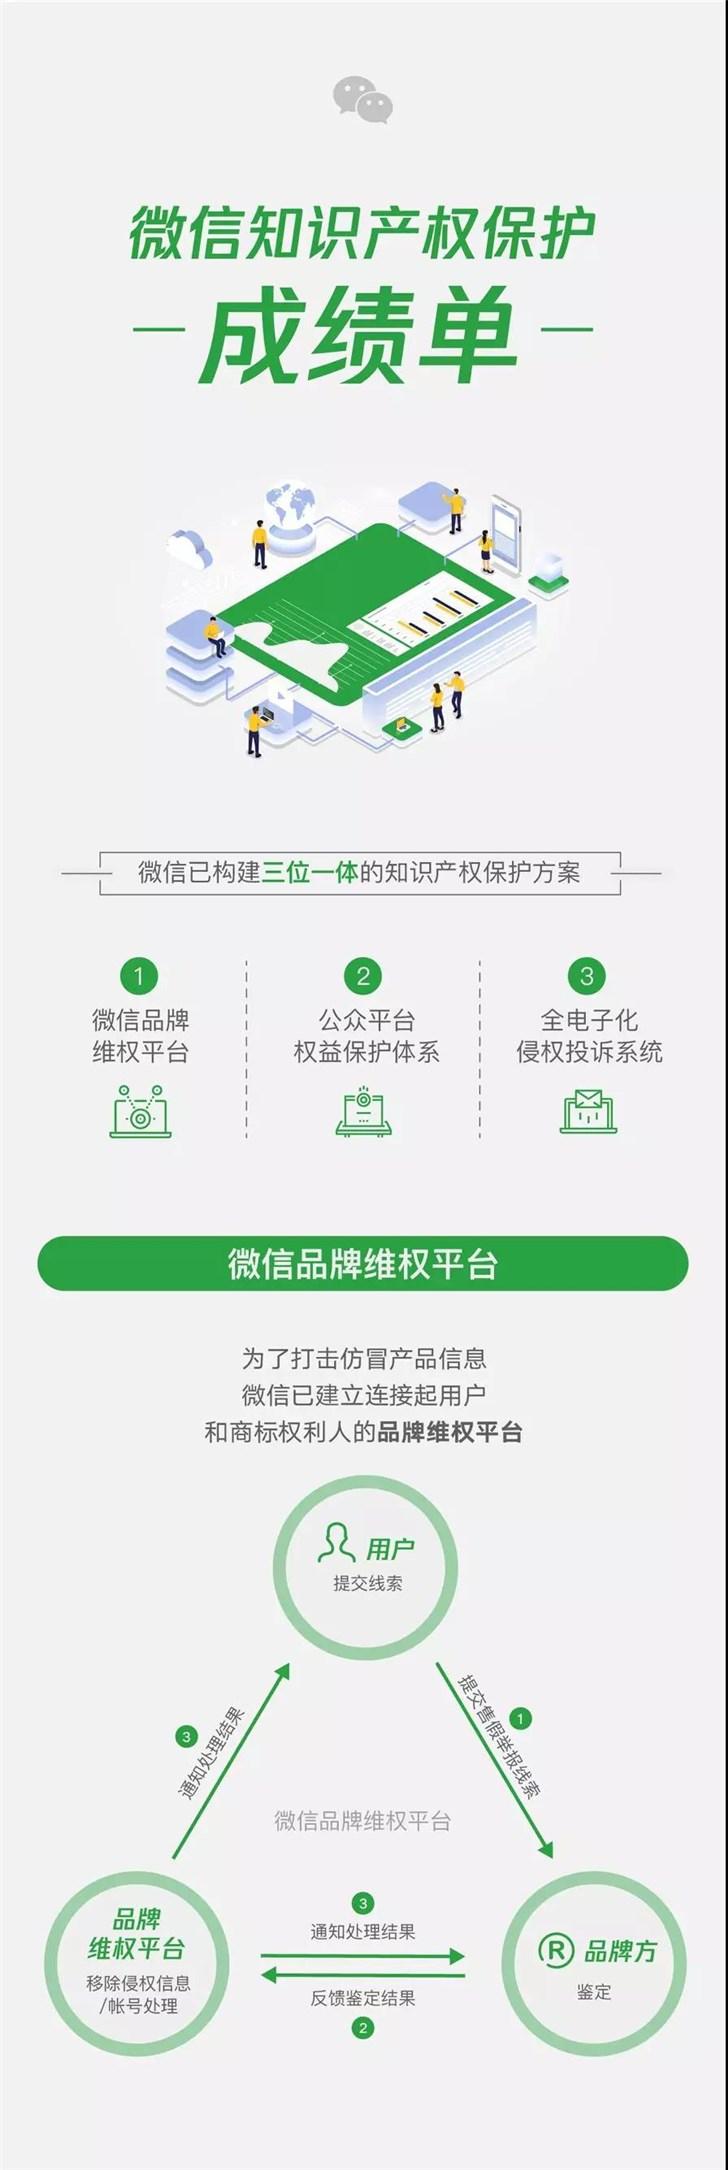 微信公布2018年知识产权保护成绩单